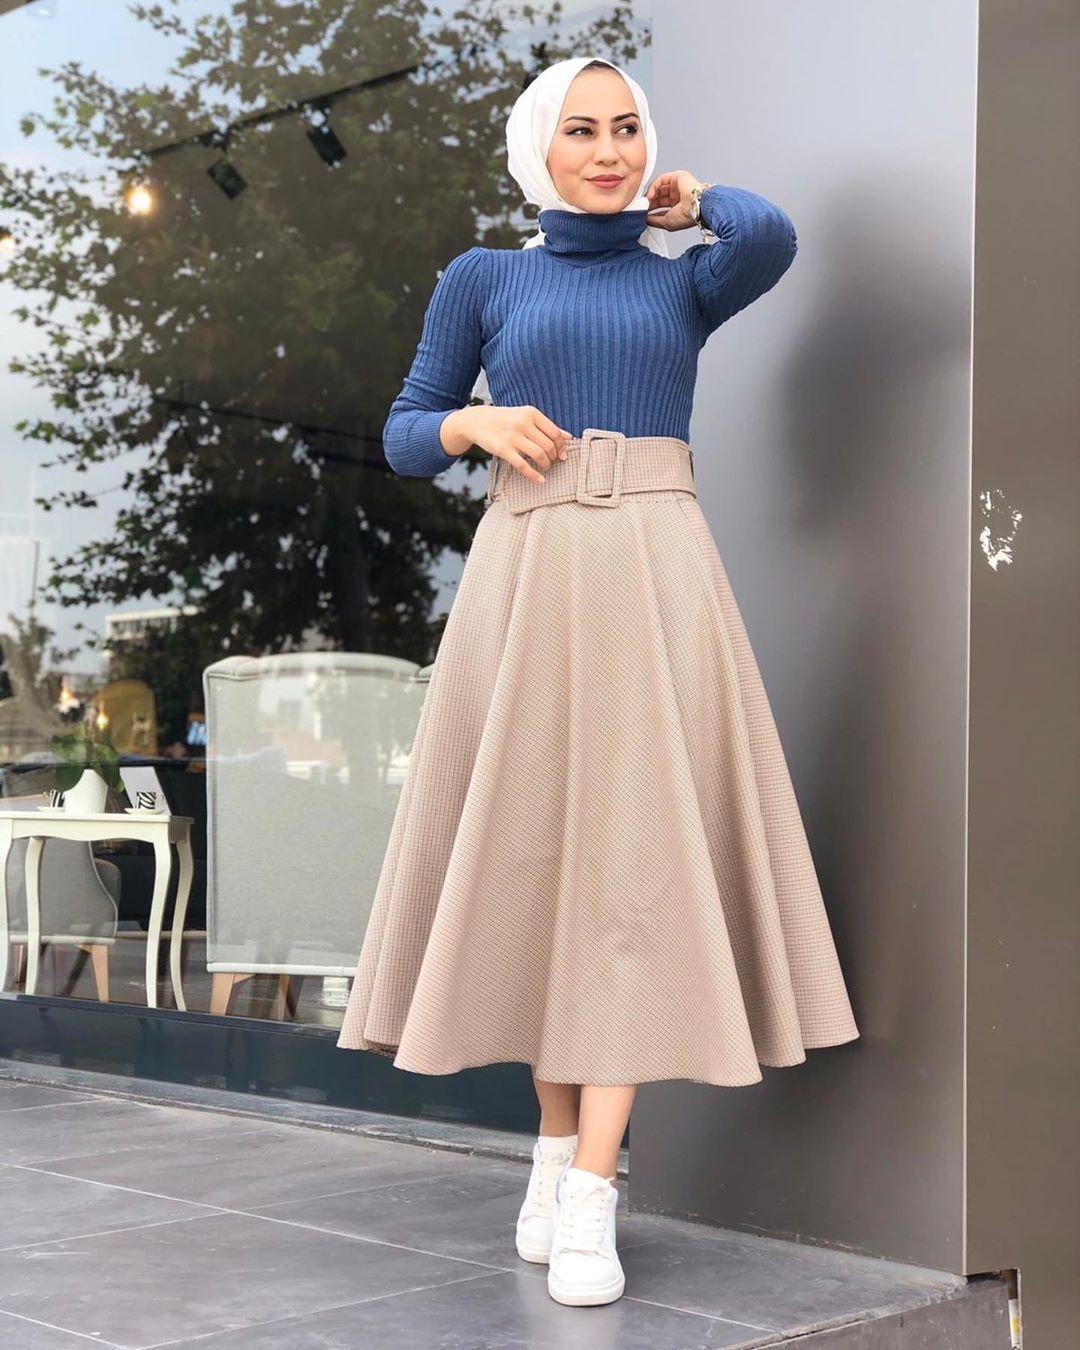 Ensar Butik Perakende Toptan On Instagram Etekli Kombinlerde Bugun Ensar Butik Perakende Toptan On In 2020 Islami Giyim Giyim Kadin Modasi Elbiseler